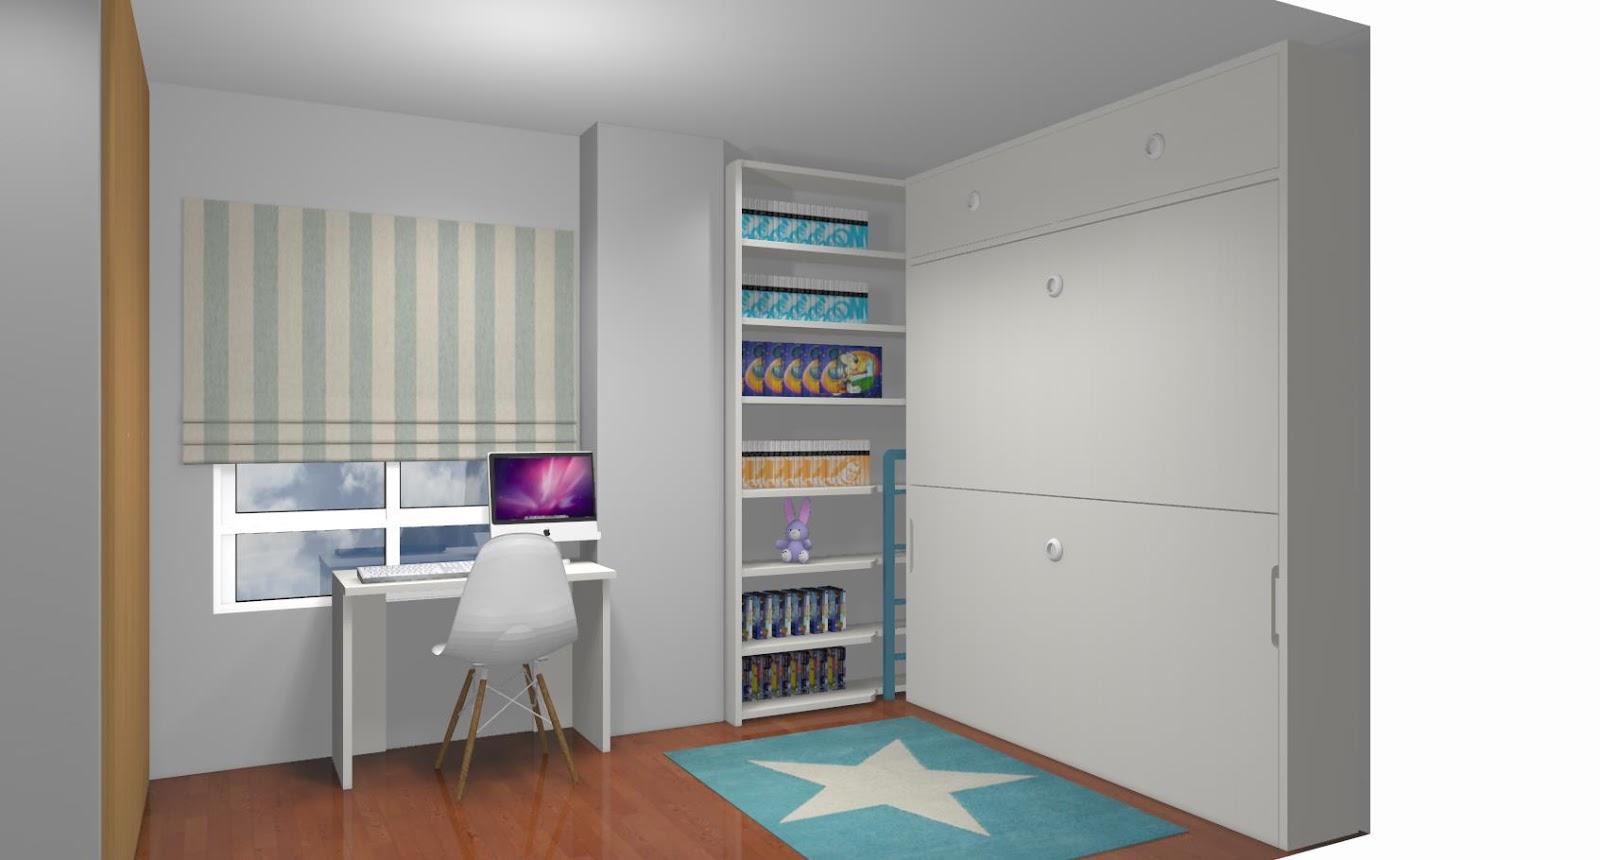 Dormitorios juveniles a medida con cama compacto - Habitaciones juveniles 2 camas ...